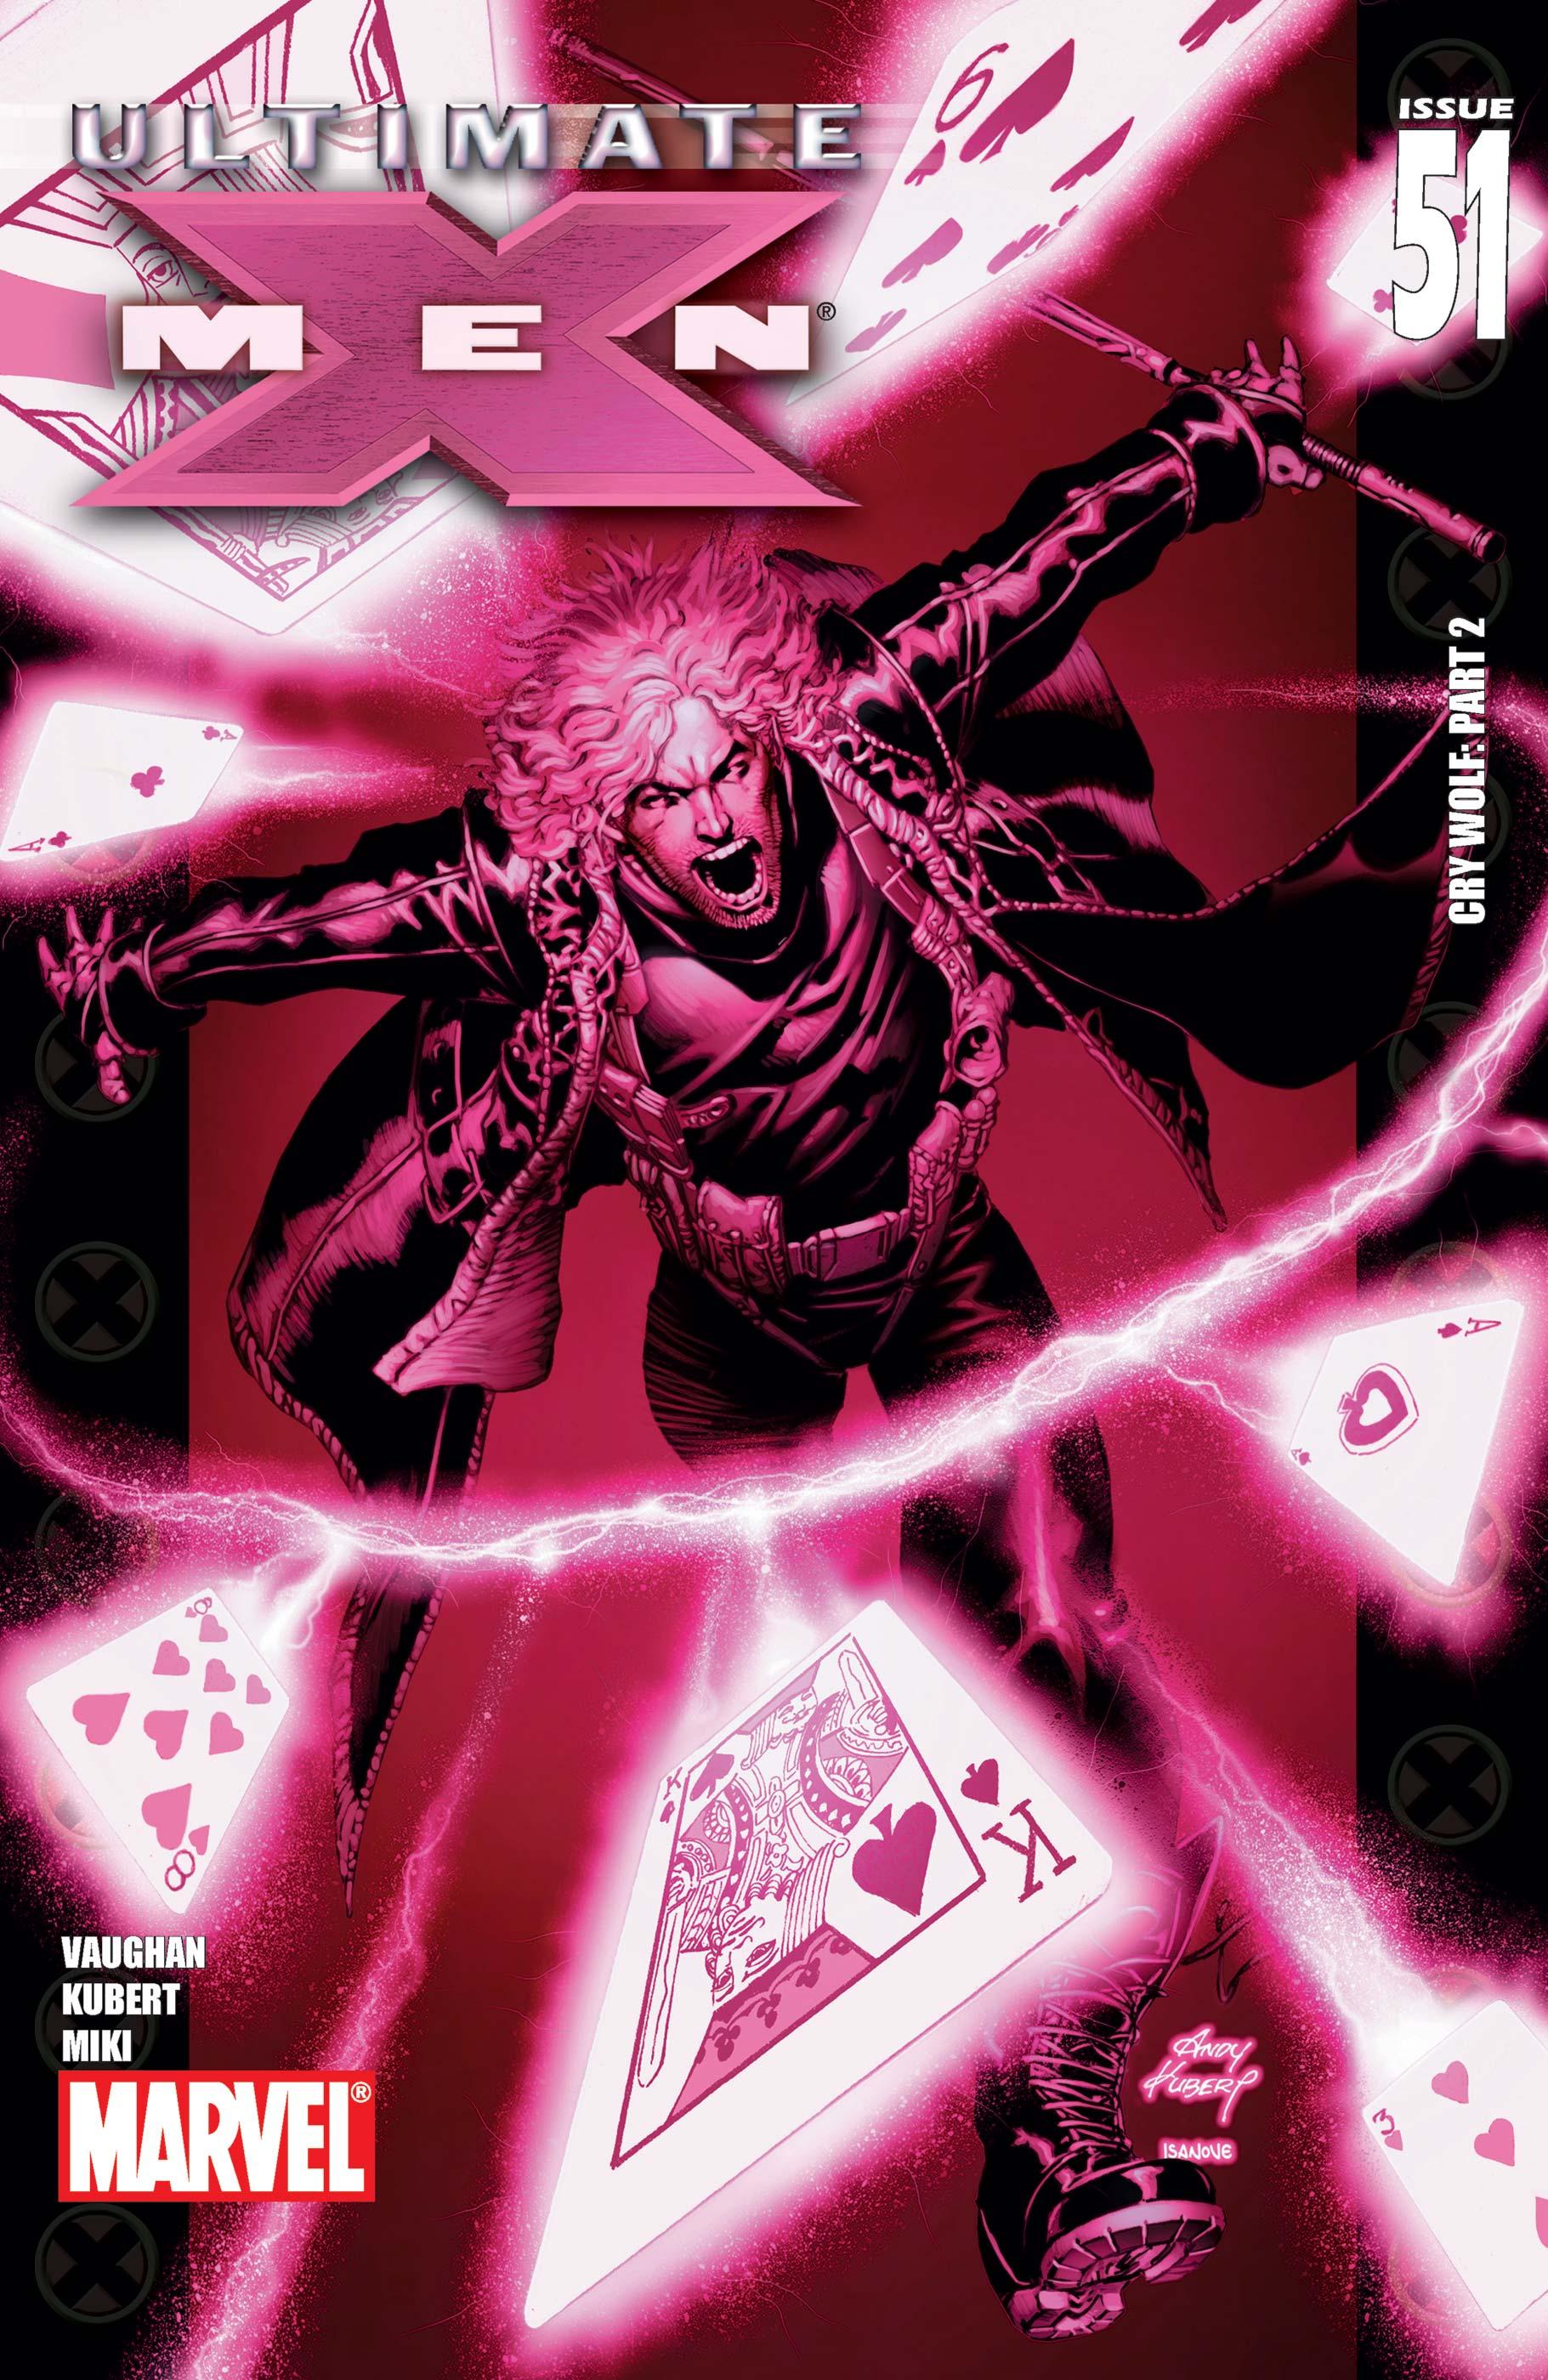 Ultimate X-Men (2000) #51